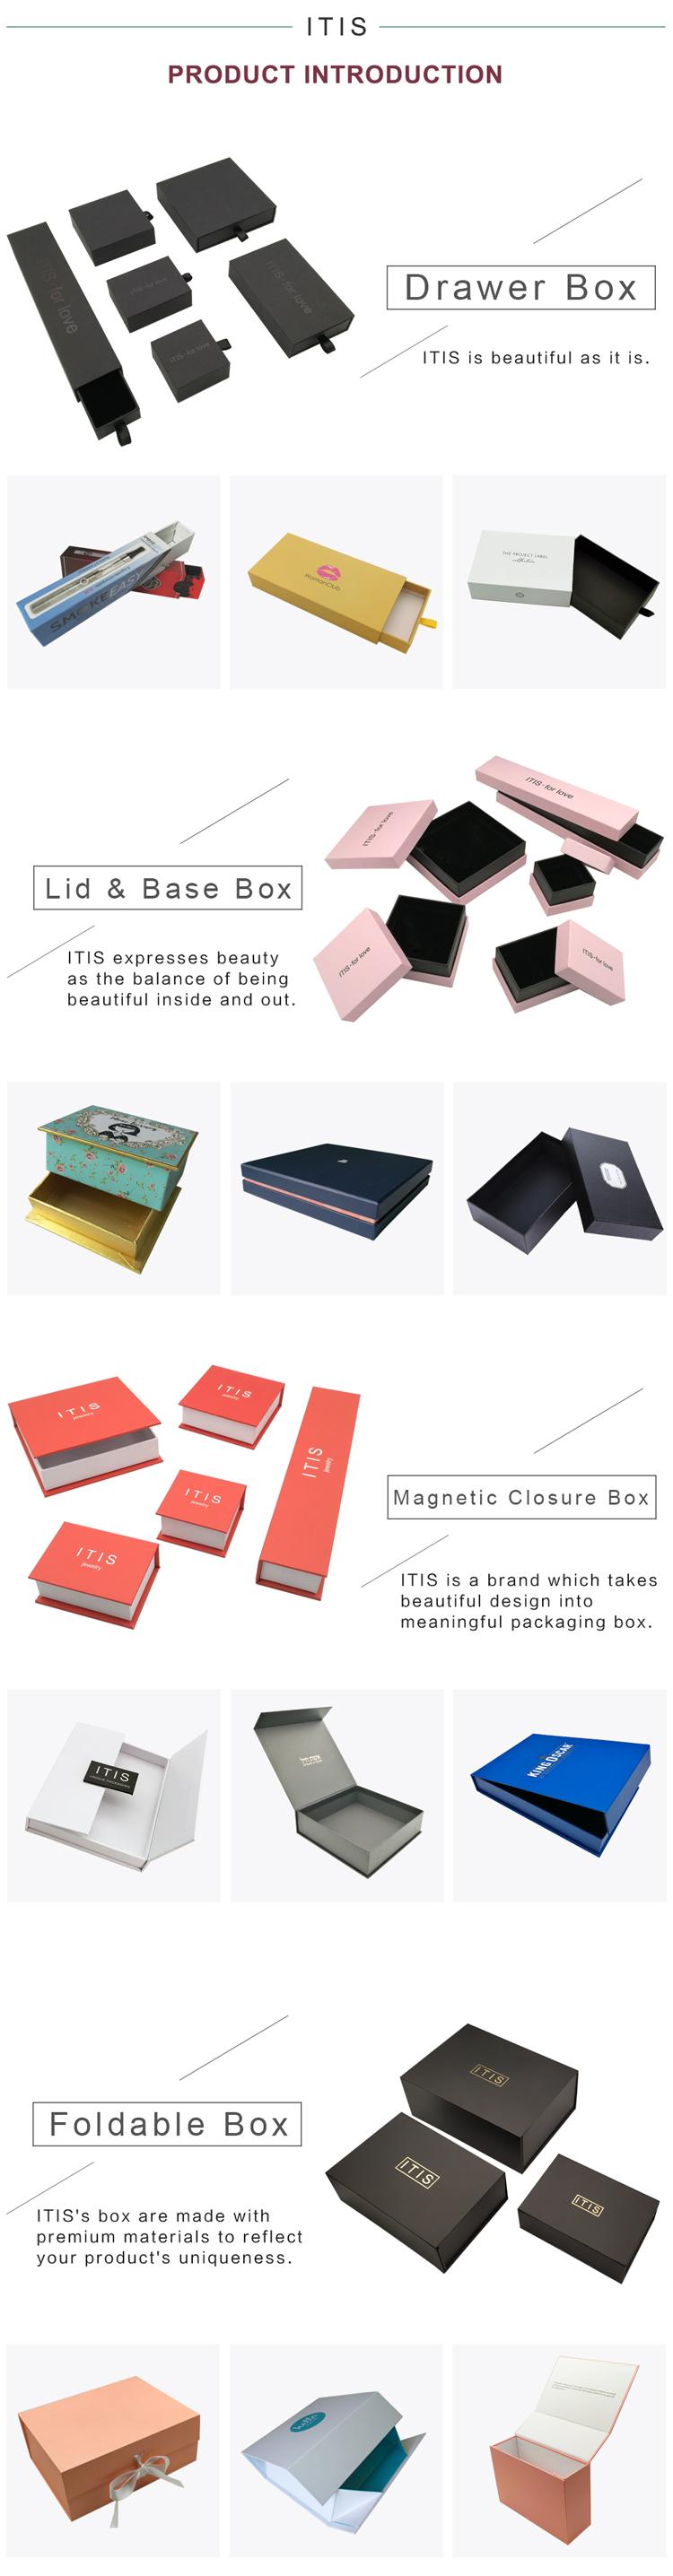 Closure-Magnetic-Box.jpg